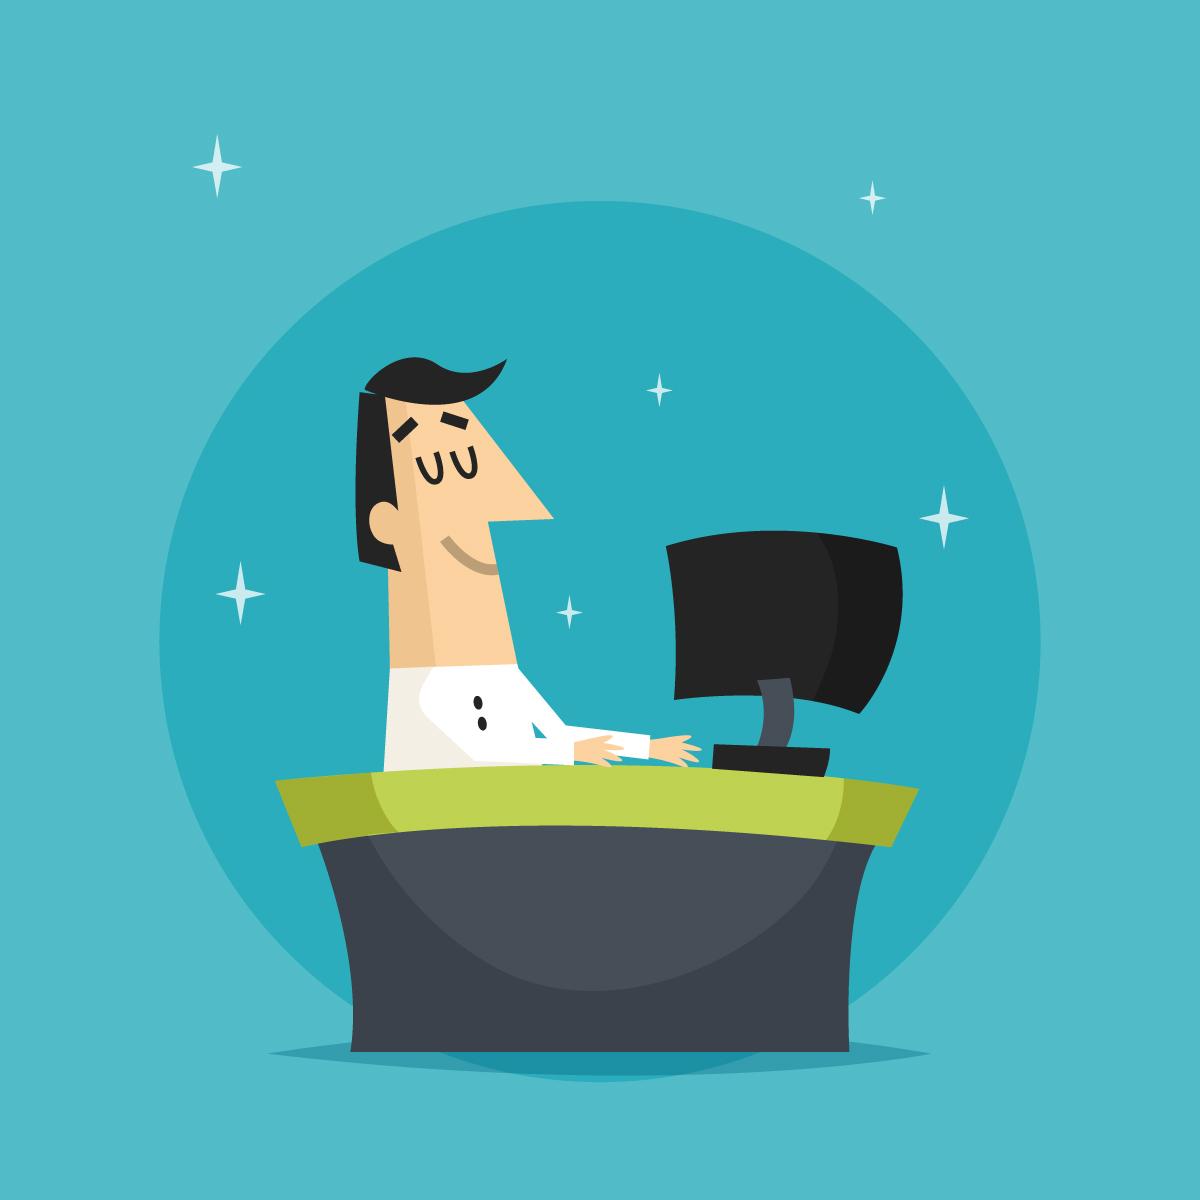 Анекдоты и шутки об офисных работниках